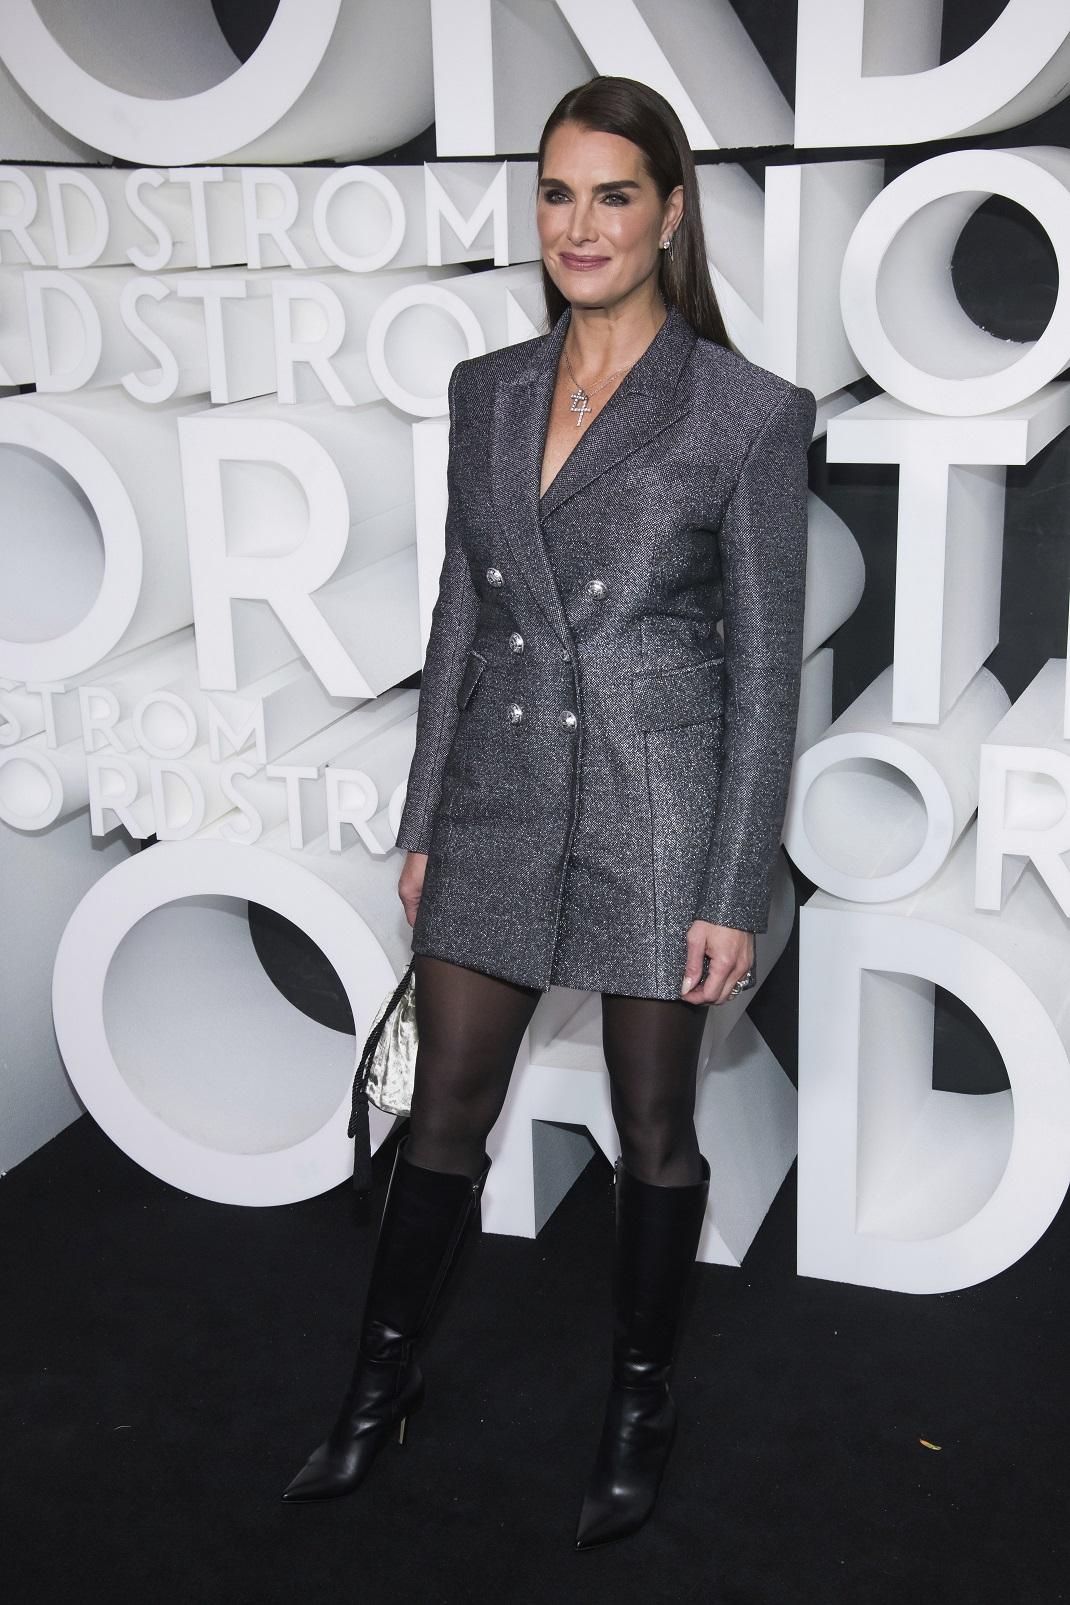 Η Μπρουκ Σιλντς με ασημένιο blazer και δερμάτινες μπότες